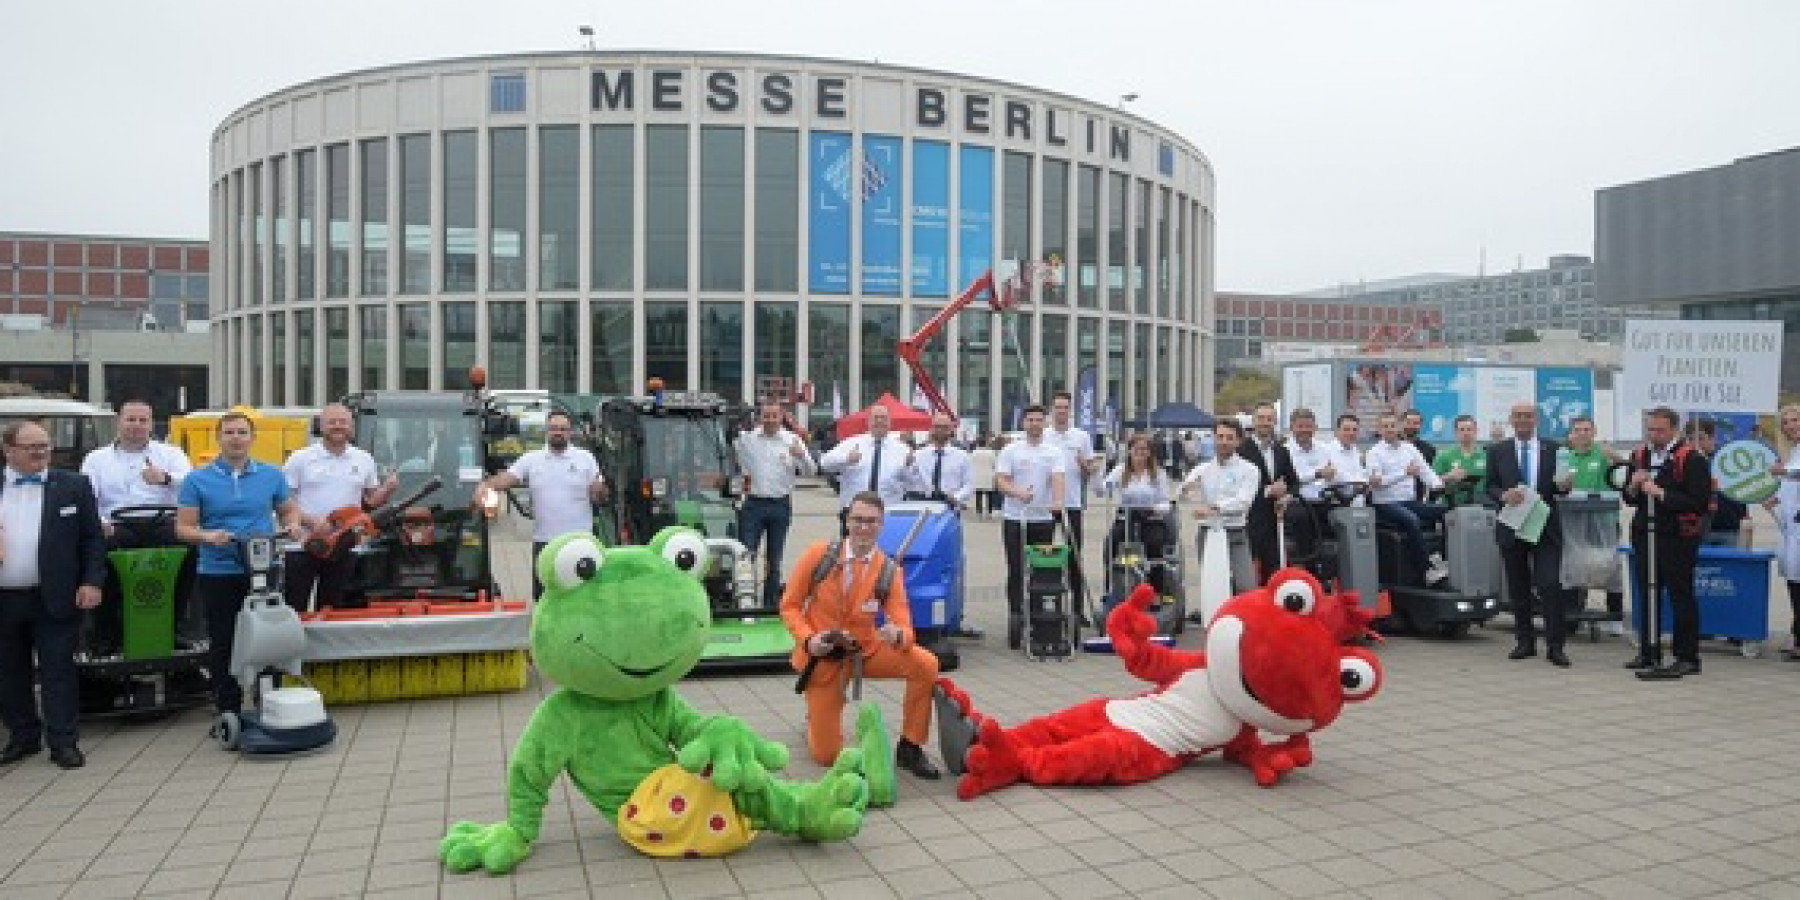 Internationale Reinigungsfachmesse startet mit der traditionellen Parade